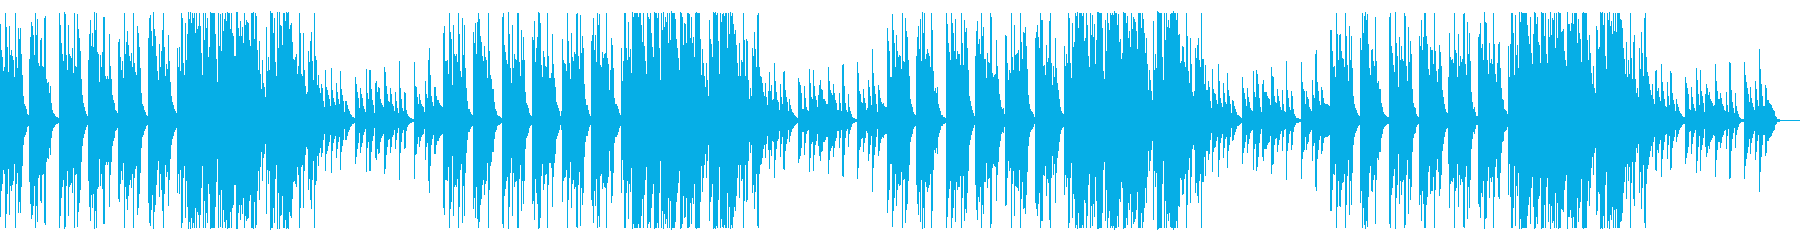 クラシックギターによる悲しい旋律の再生済みの波形